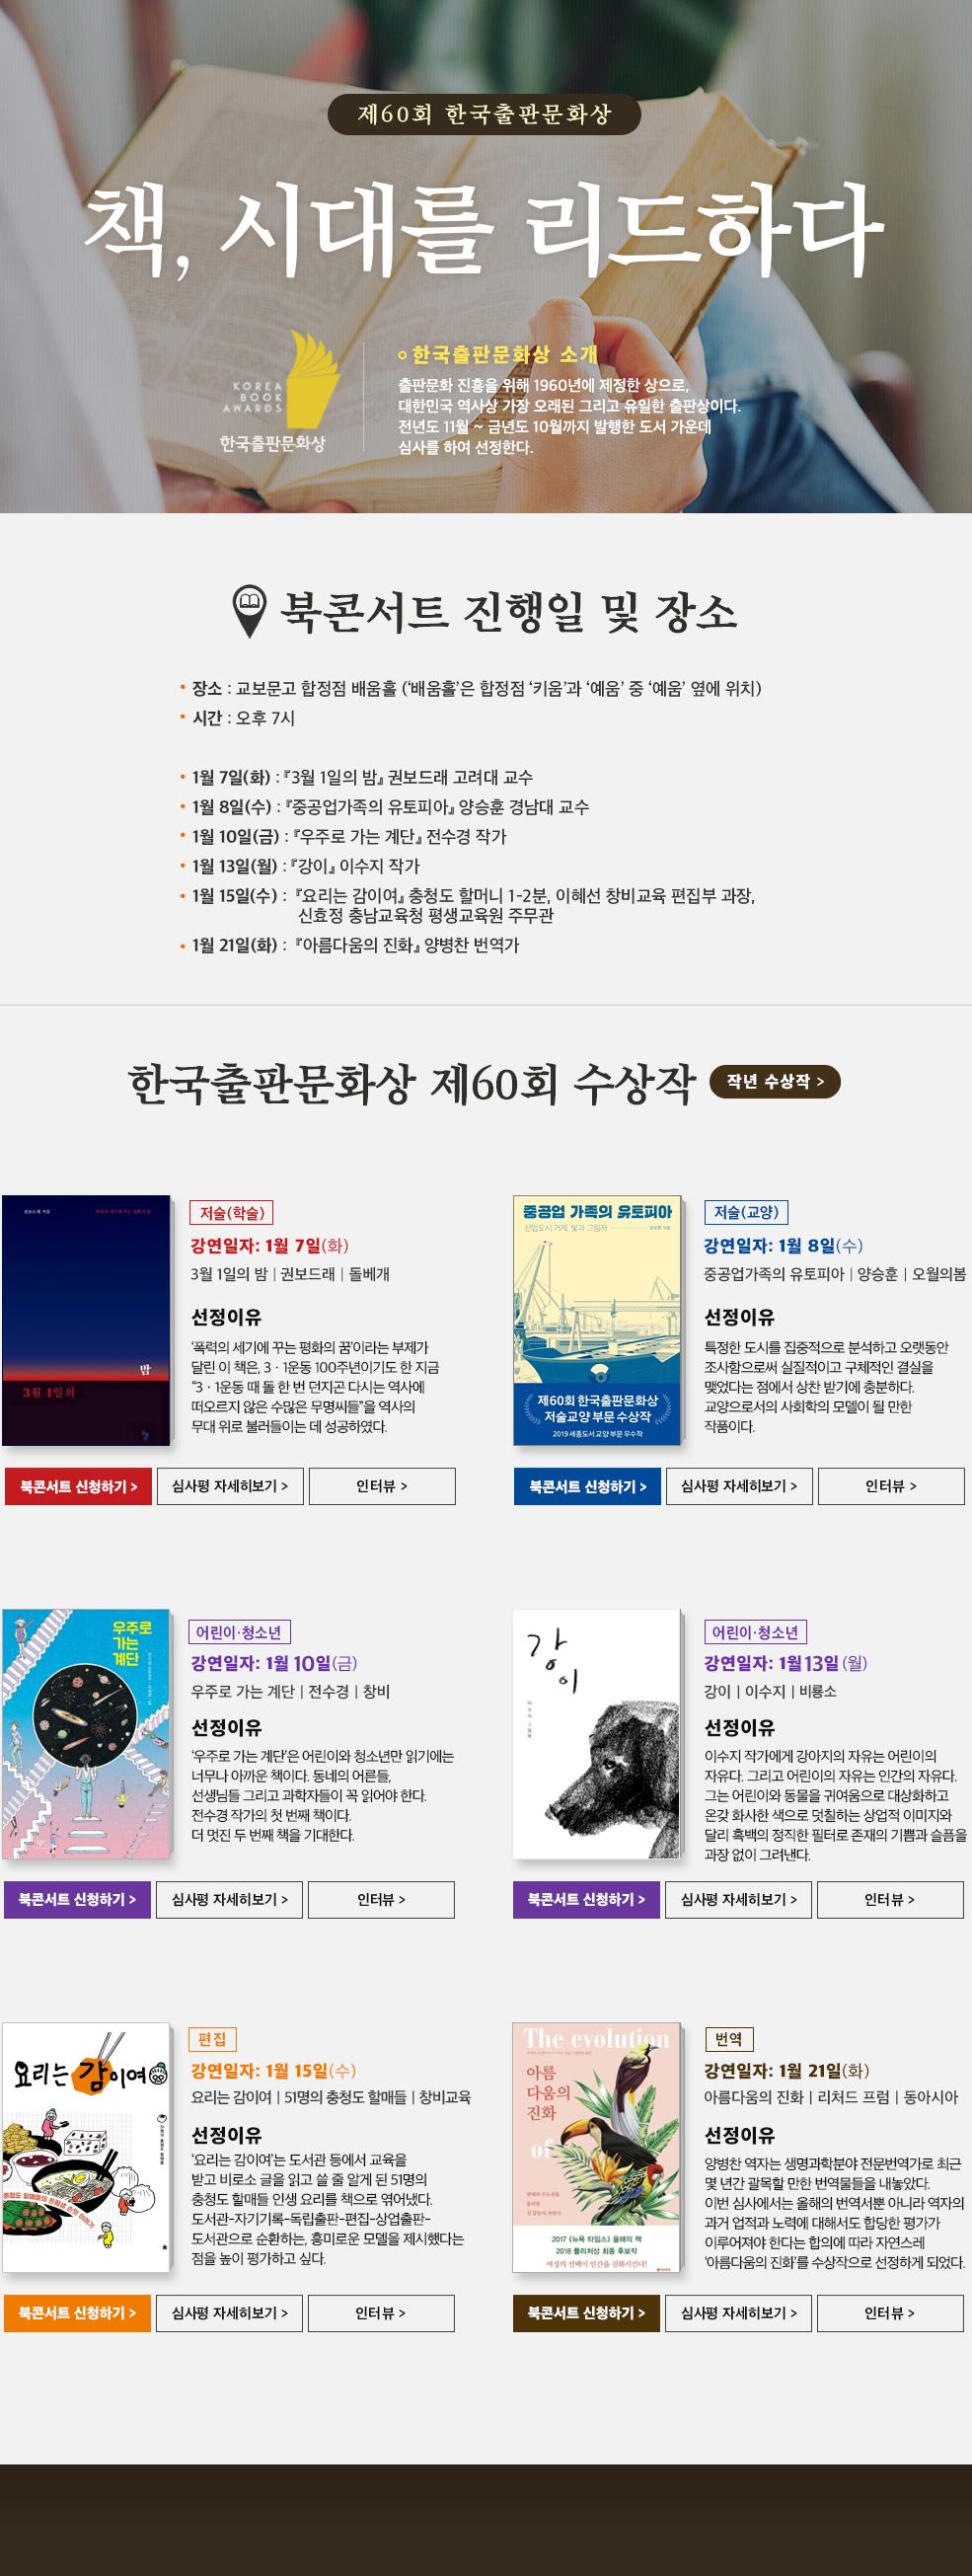 제60회 한국출판문화상